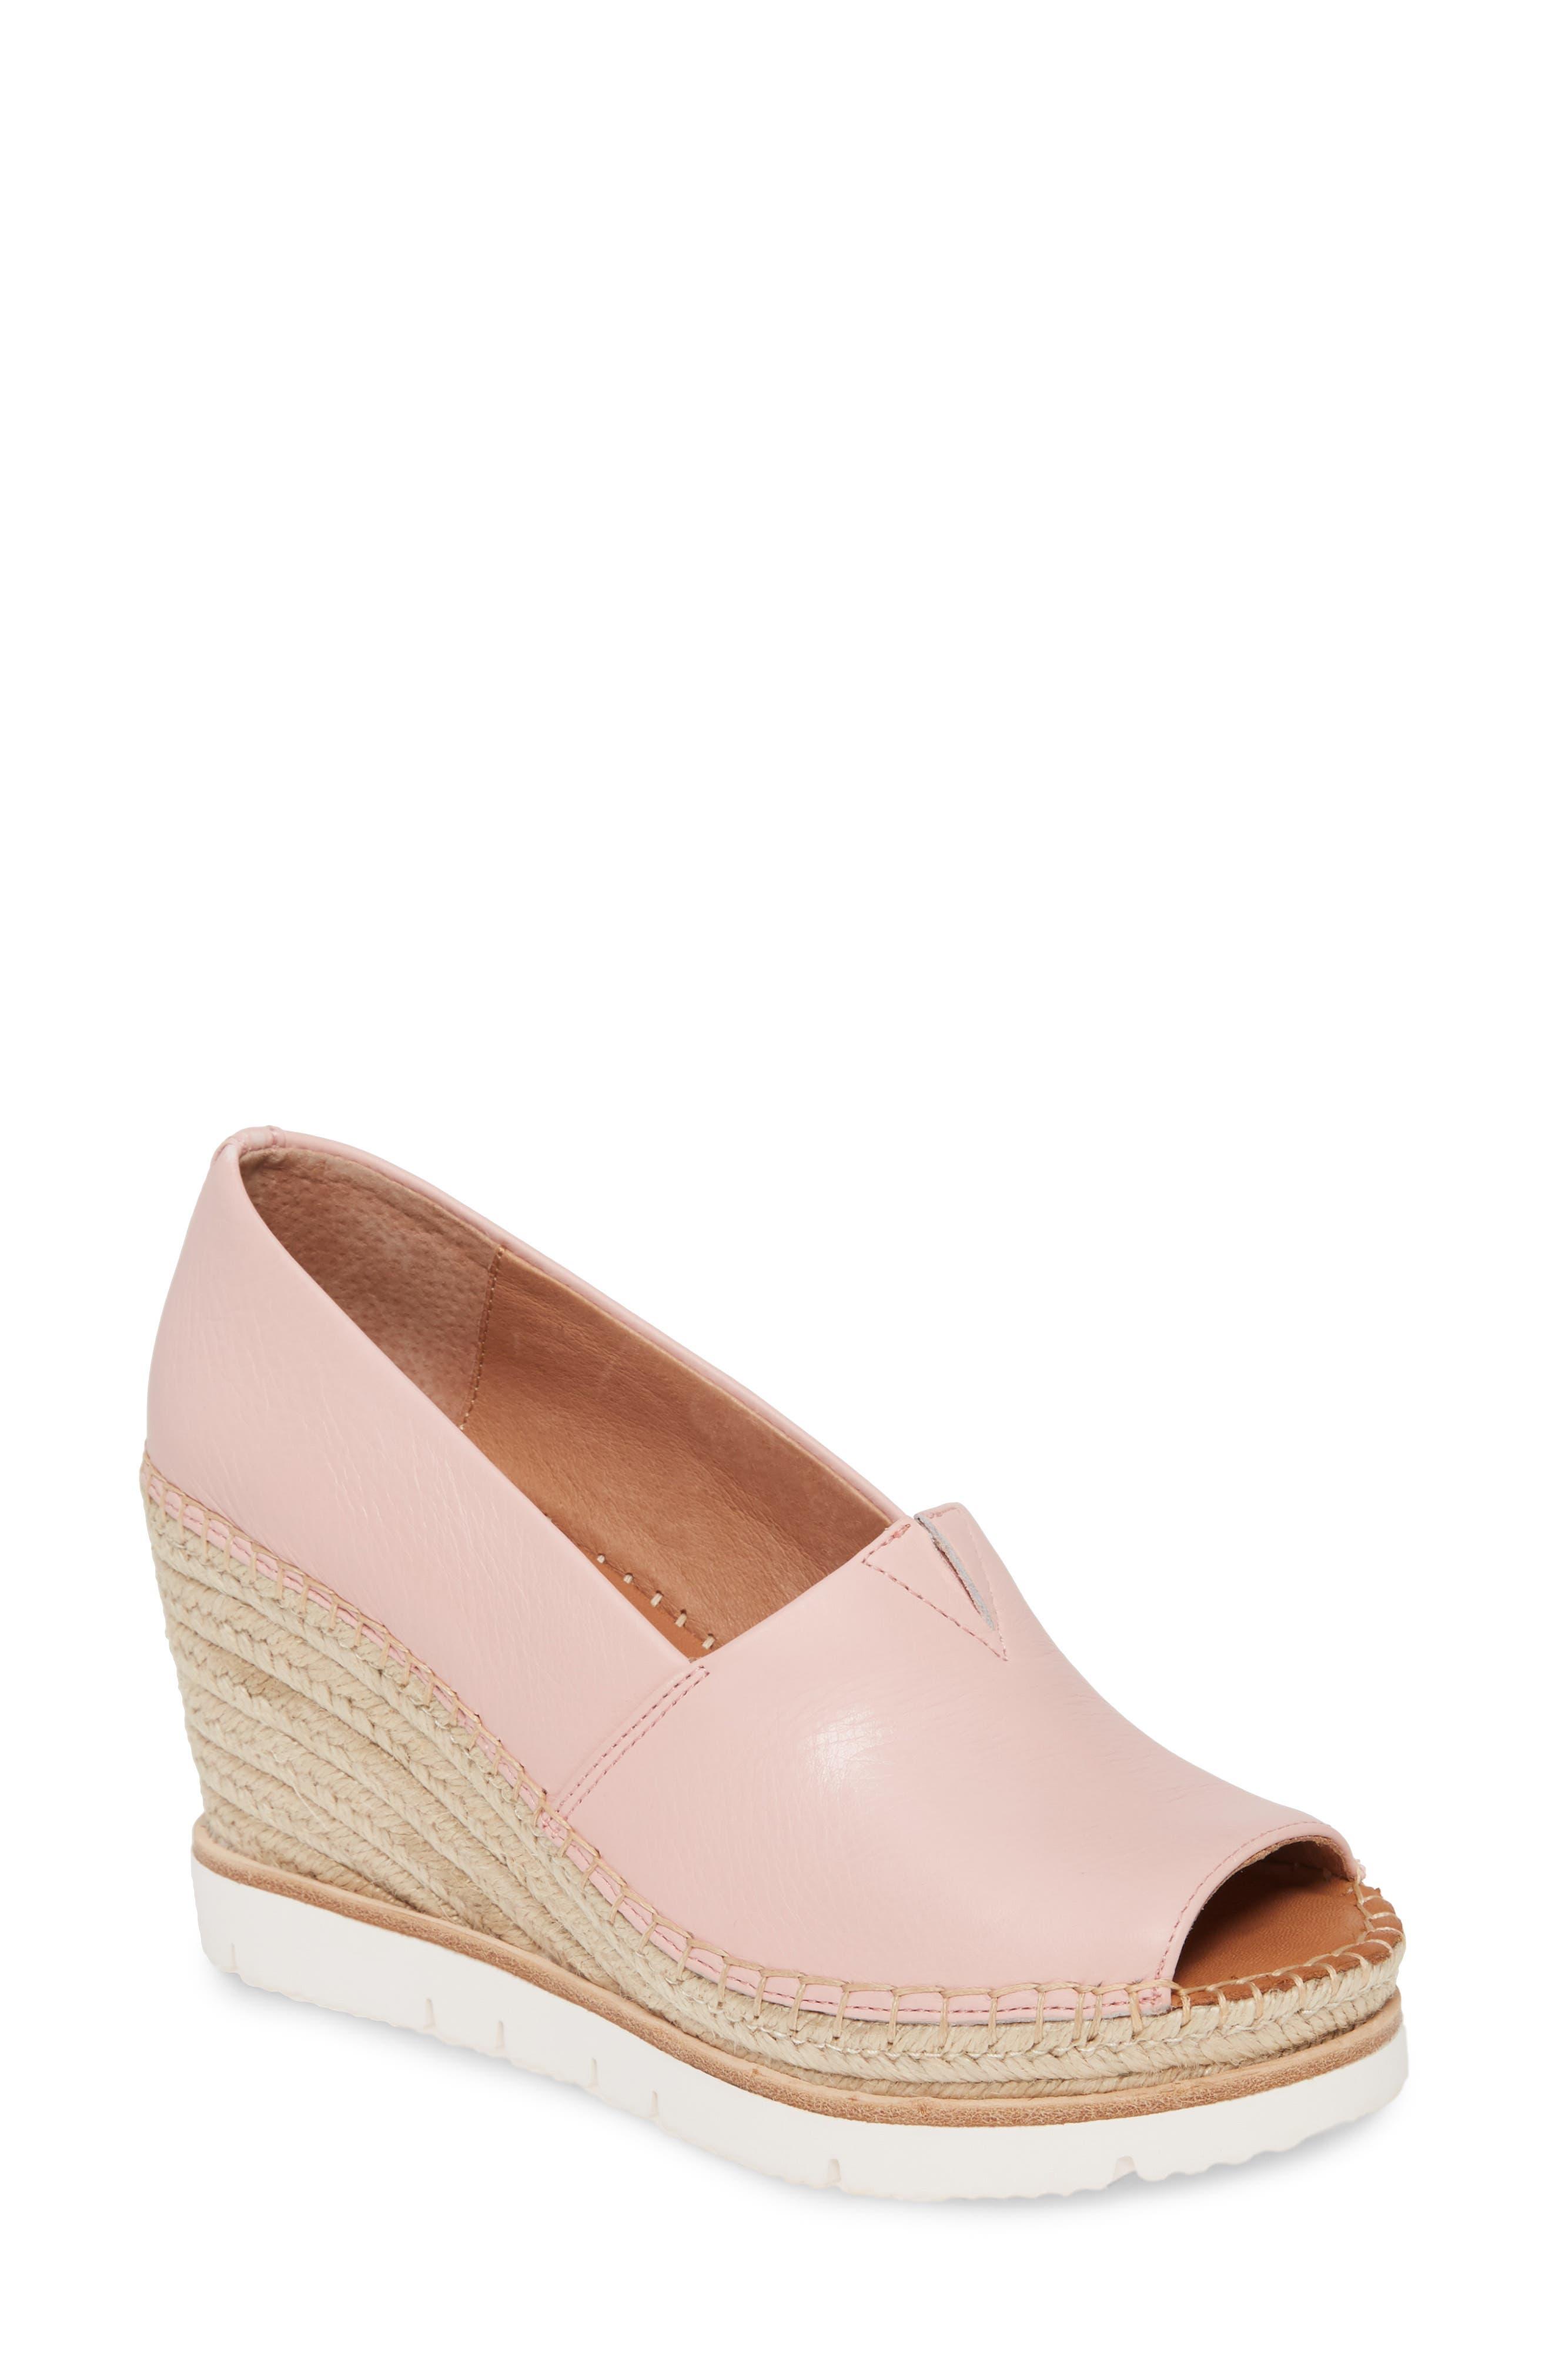 Elyssa Wedge Sandal